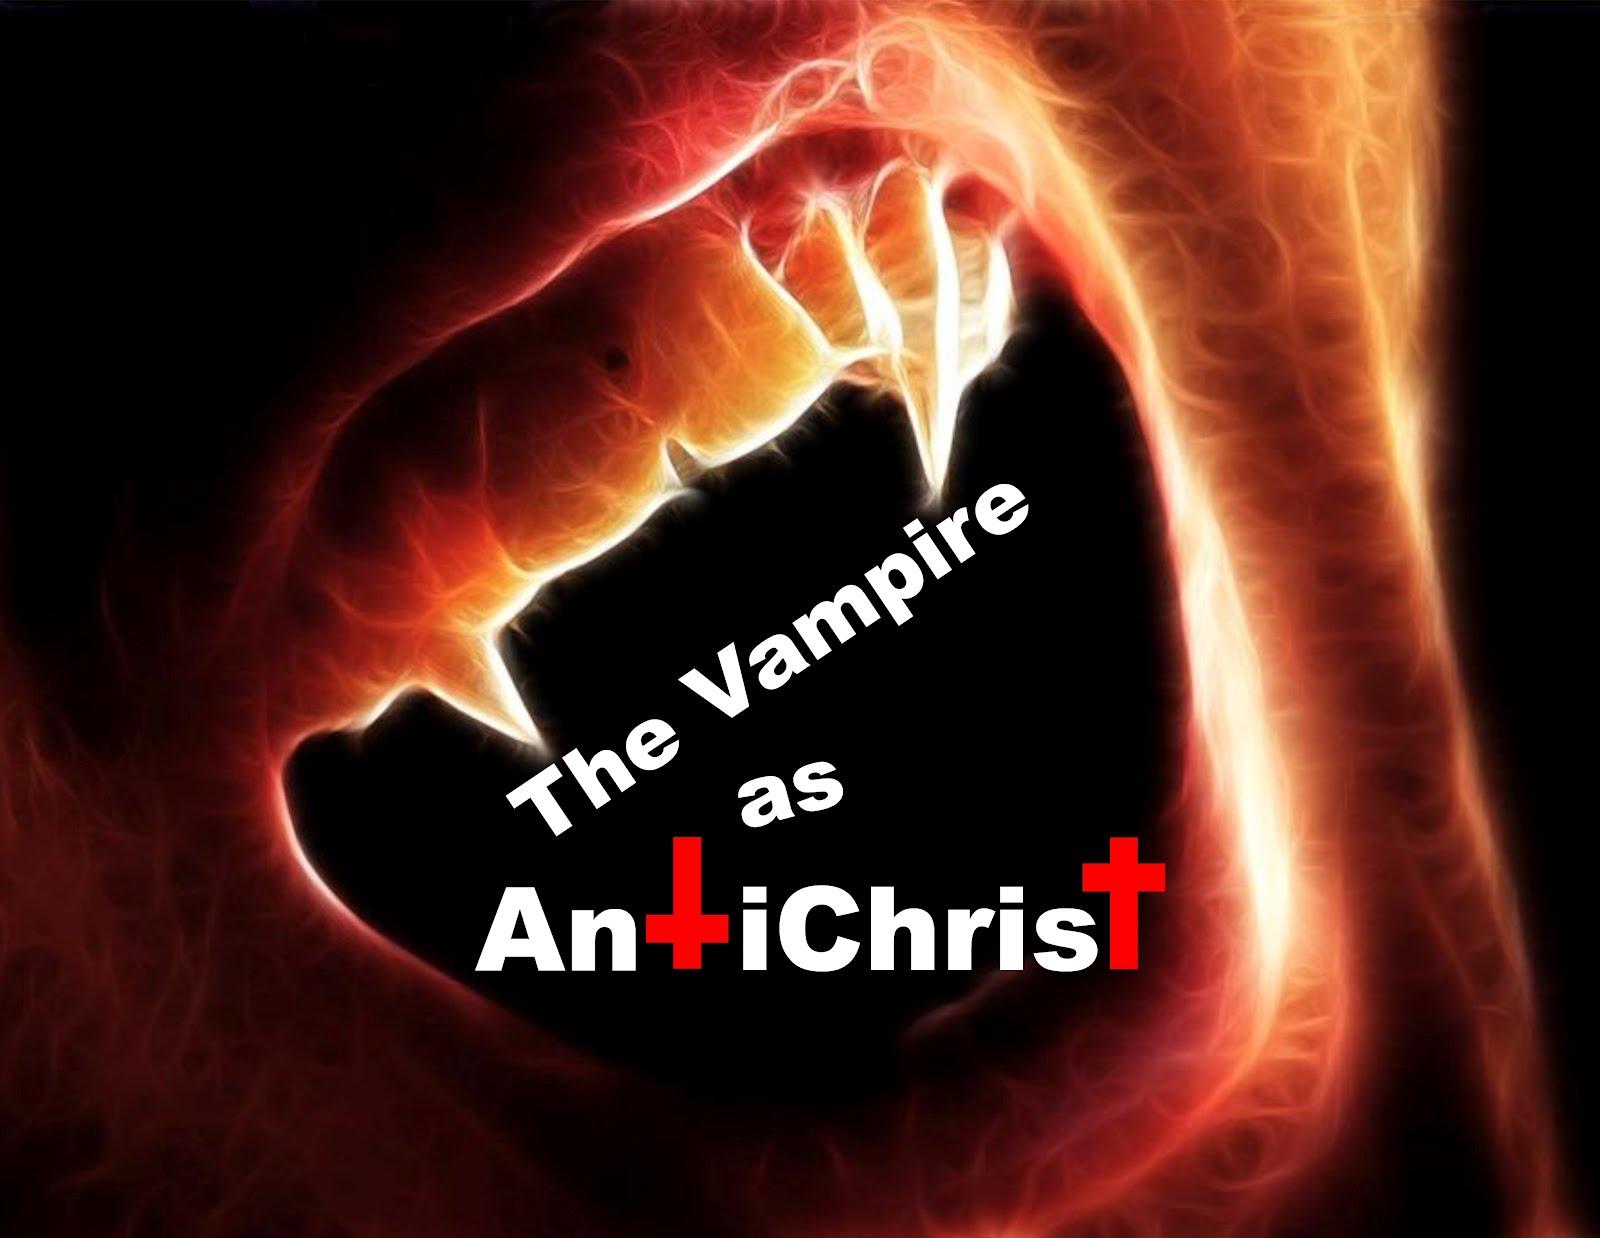 illuminati and antichrist relationship